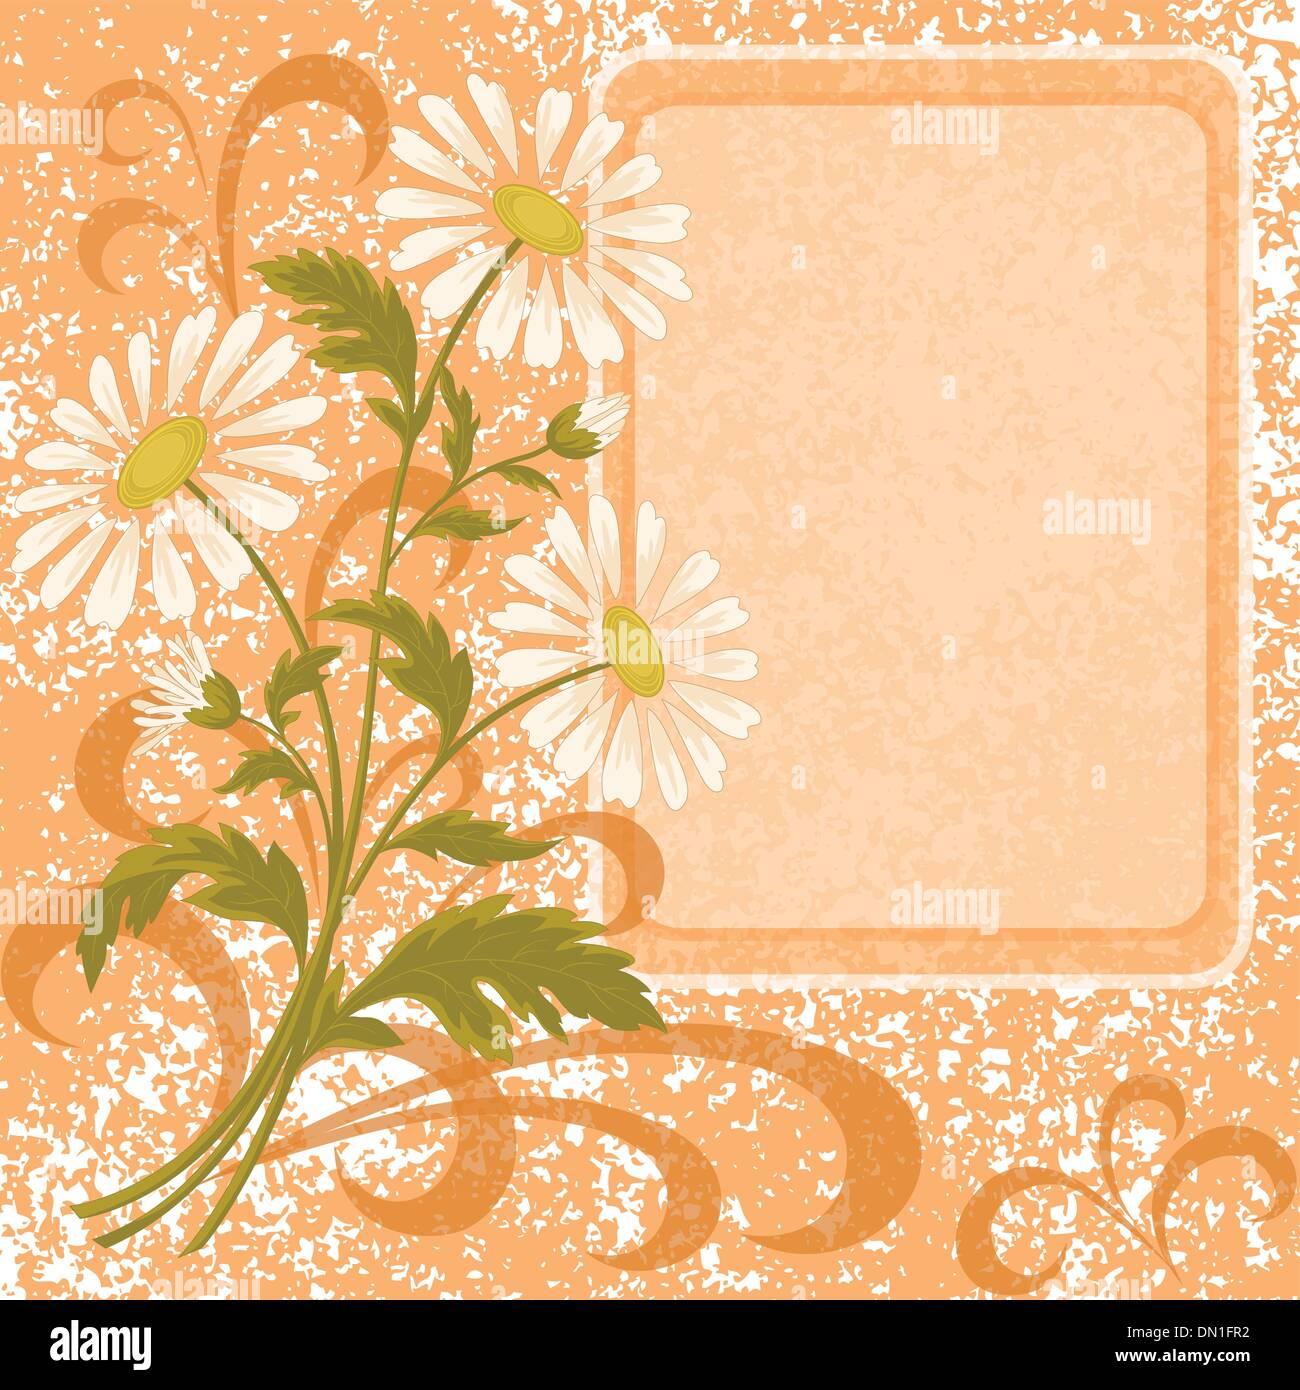 Flower holiday background - Stock Image